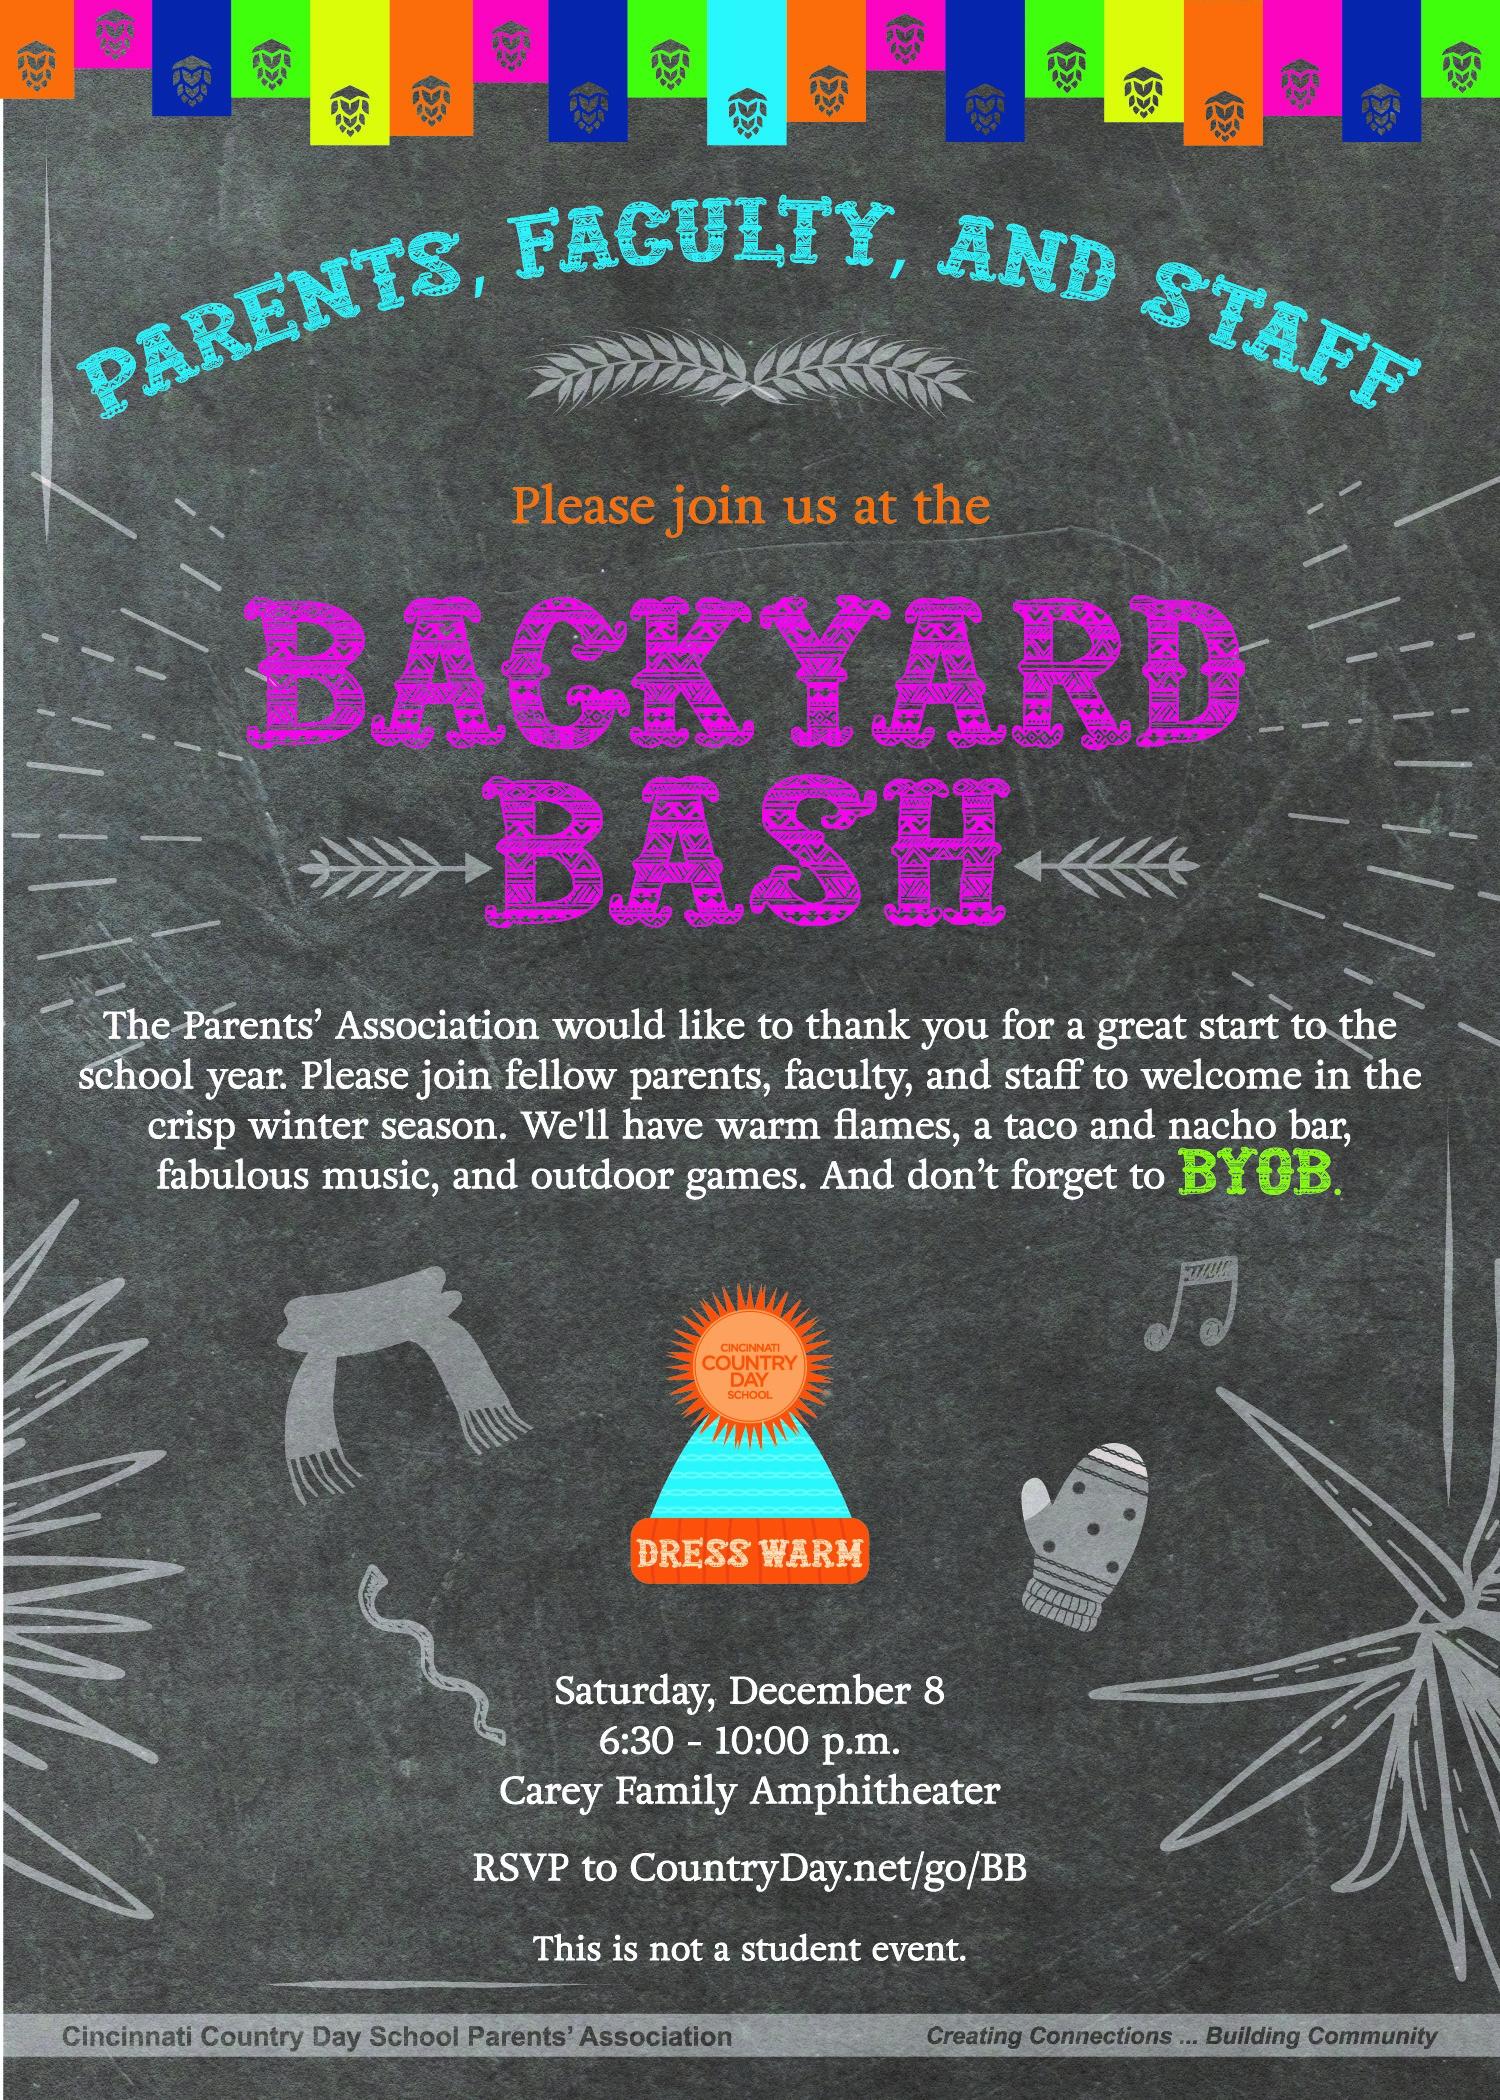 Backyard Bash Cincinnati Country Day